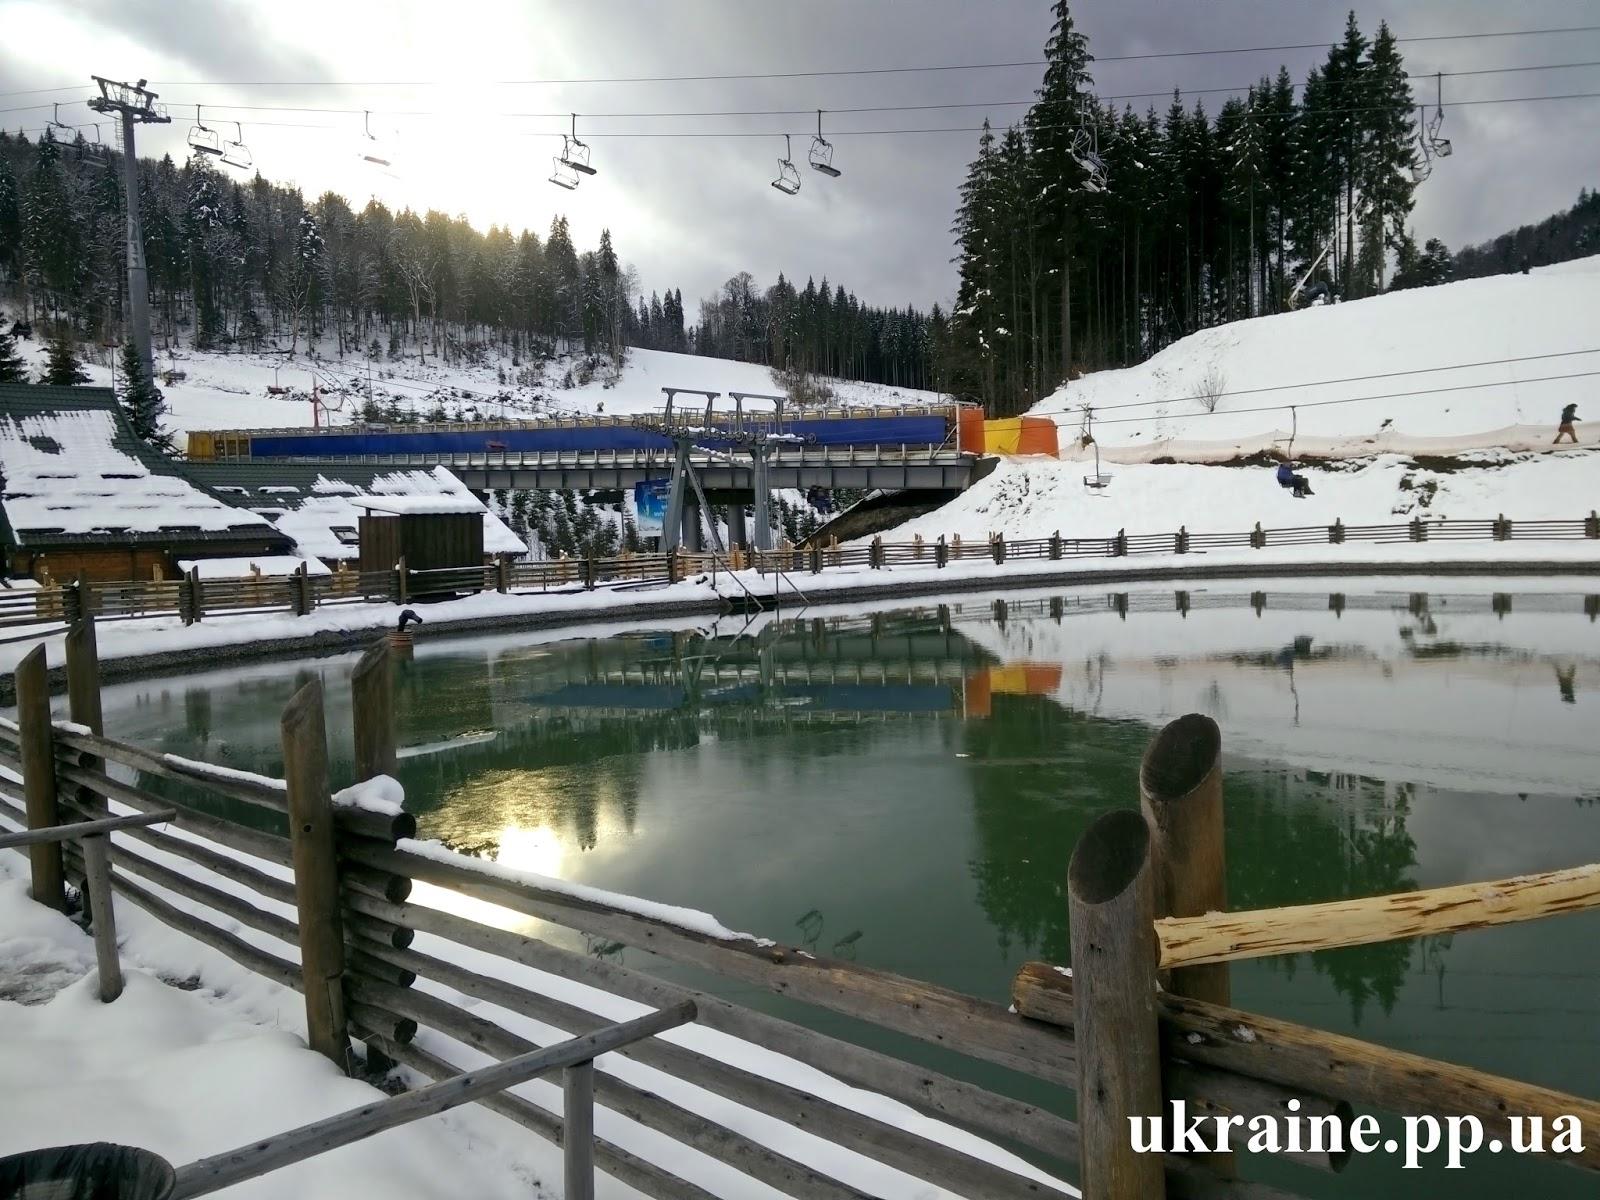 Погода в Буковеле в декабре